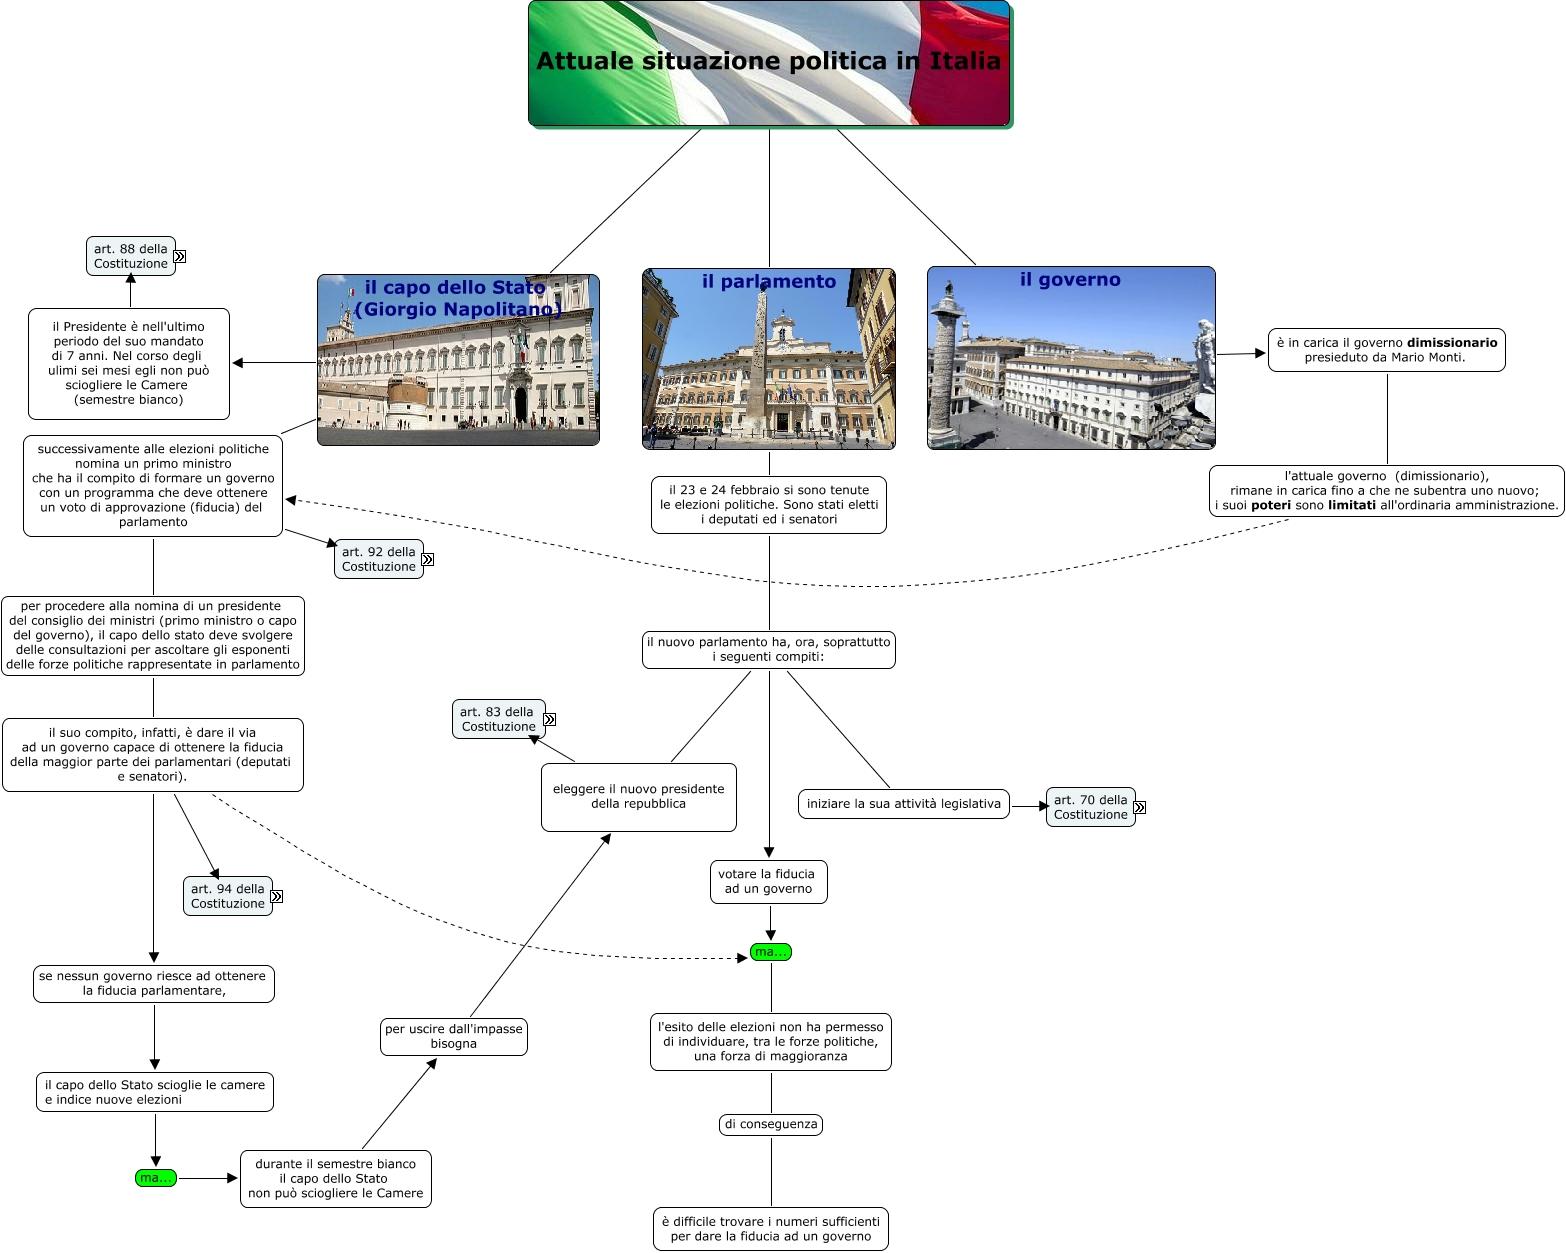 Attuale situazione politica mappa concettuale for Parlamento italiano schema